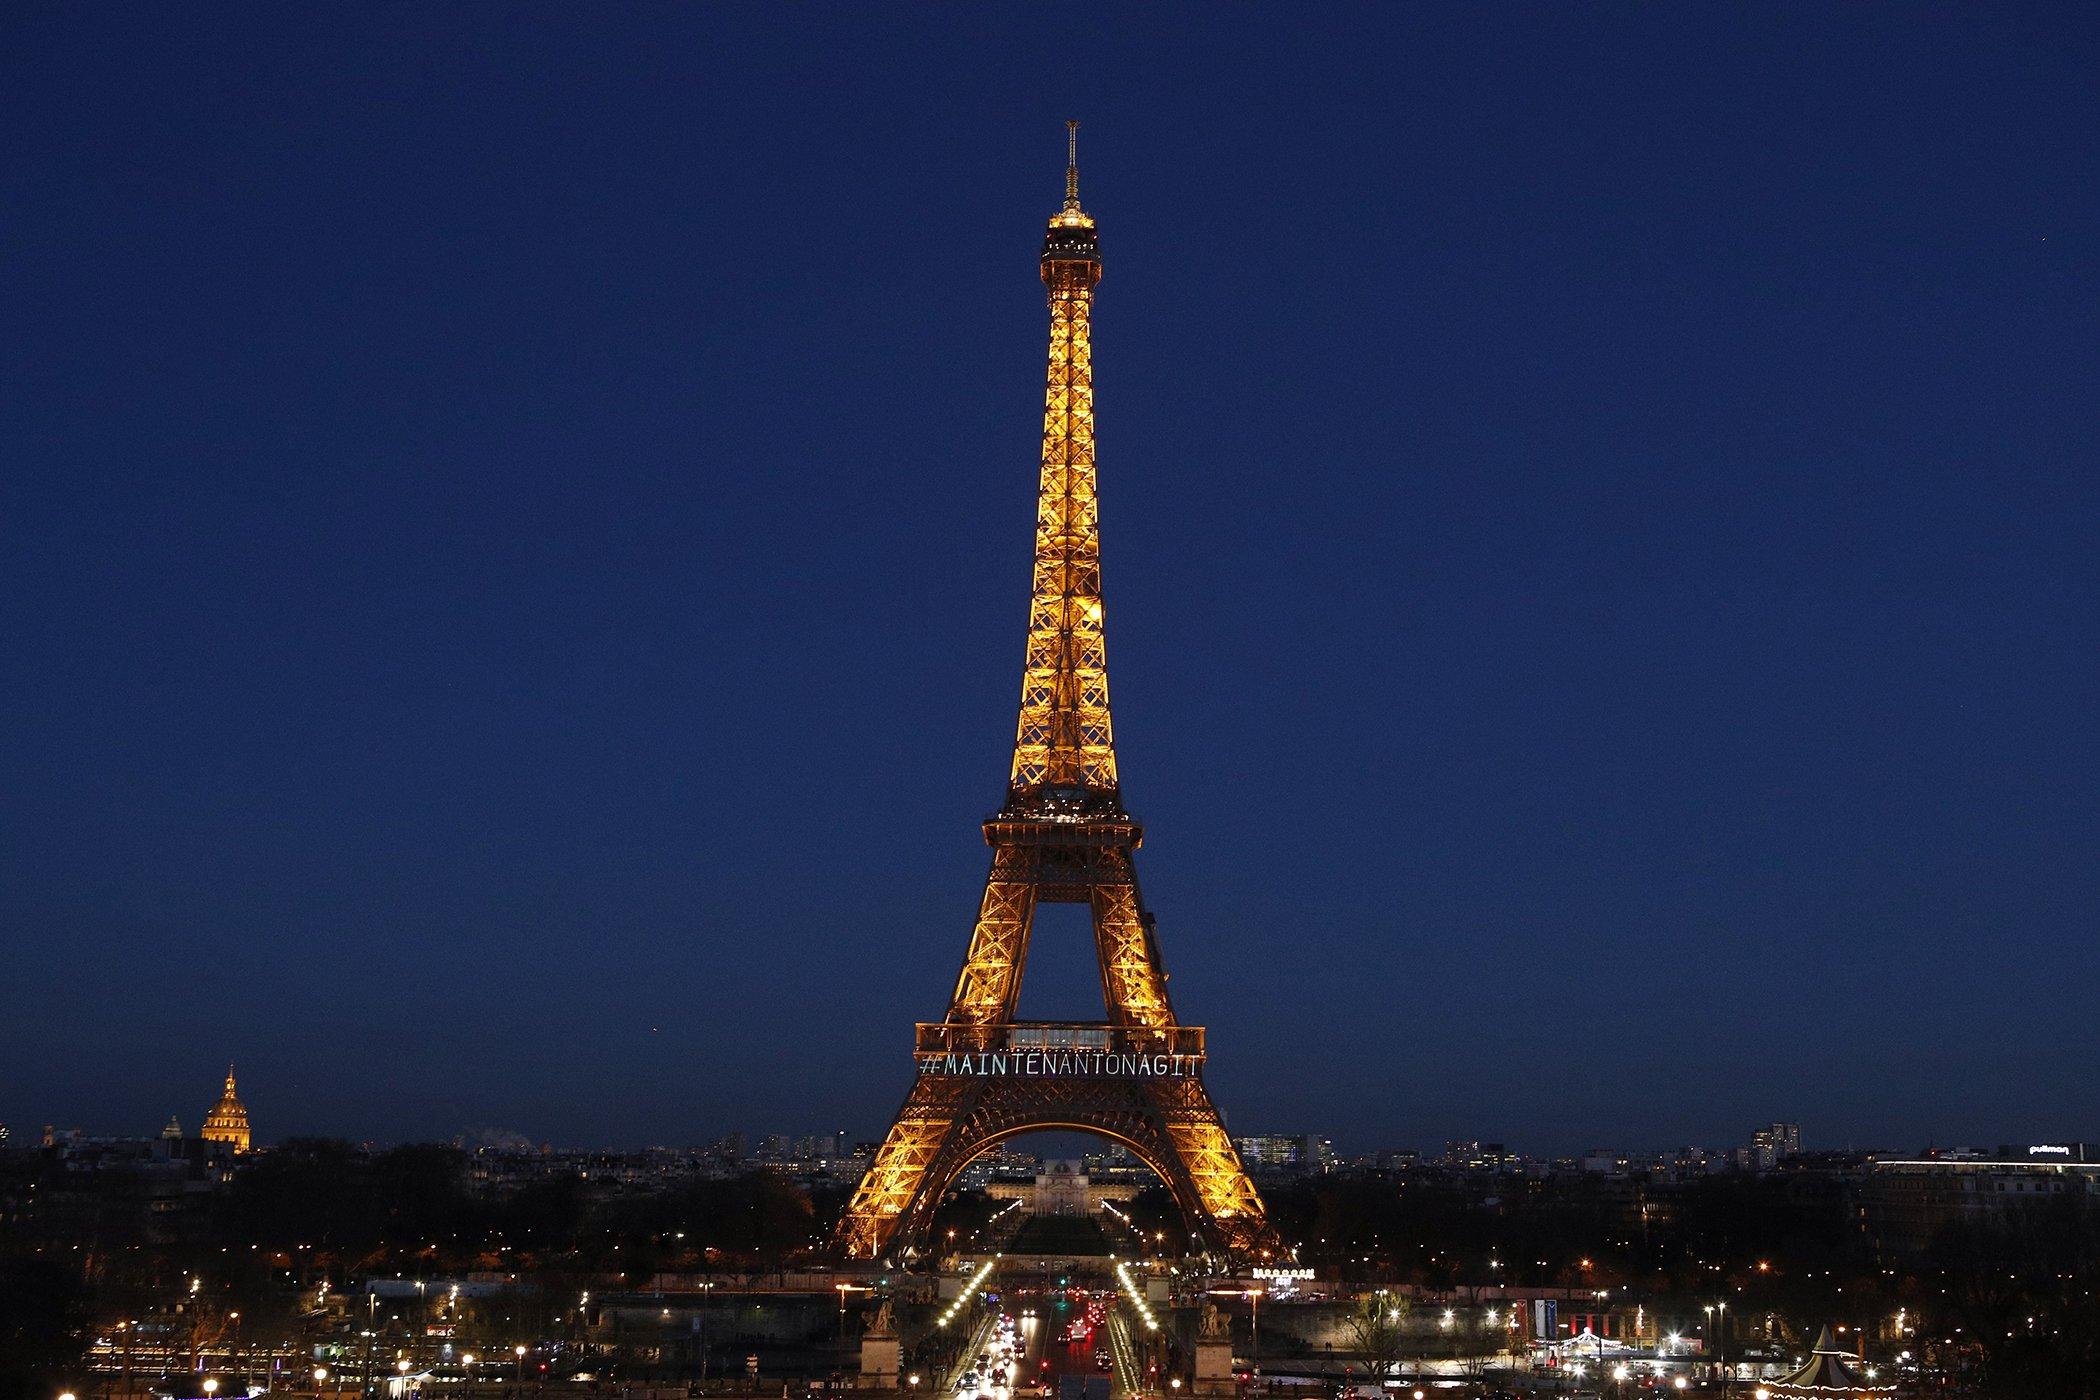 Eiffel-Tower-International-Womens-Day.jpg